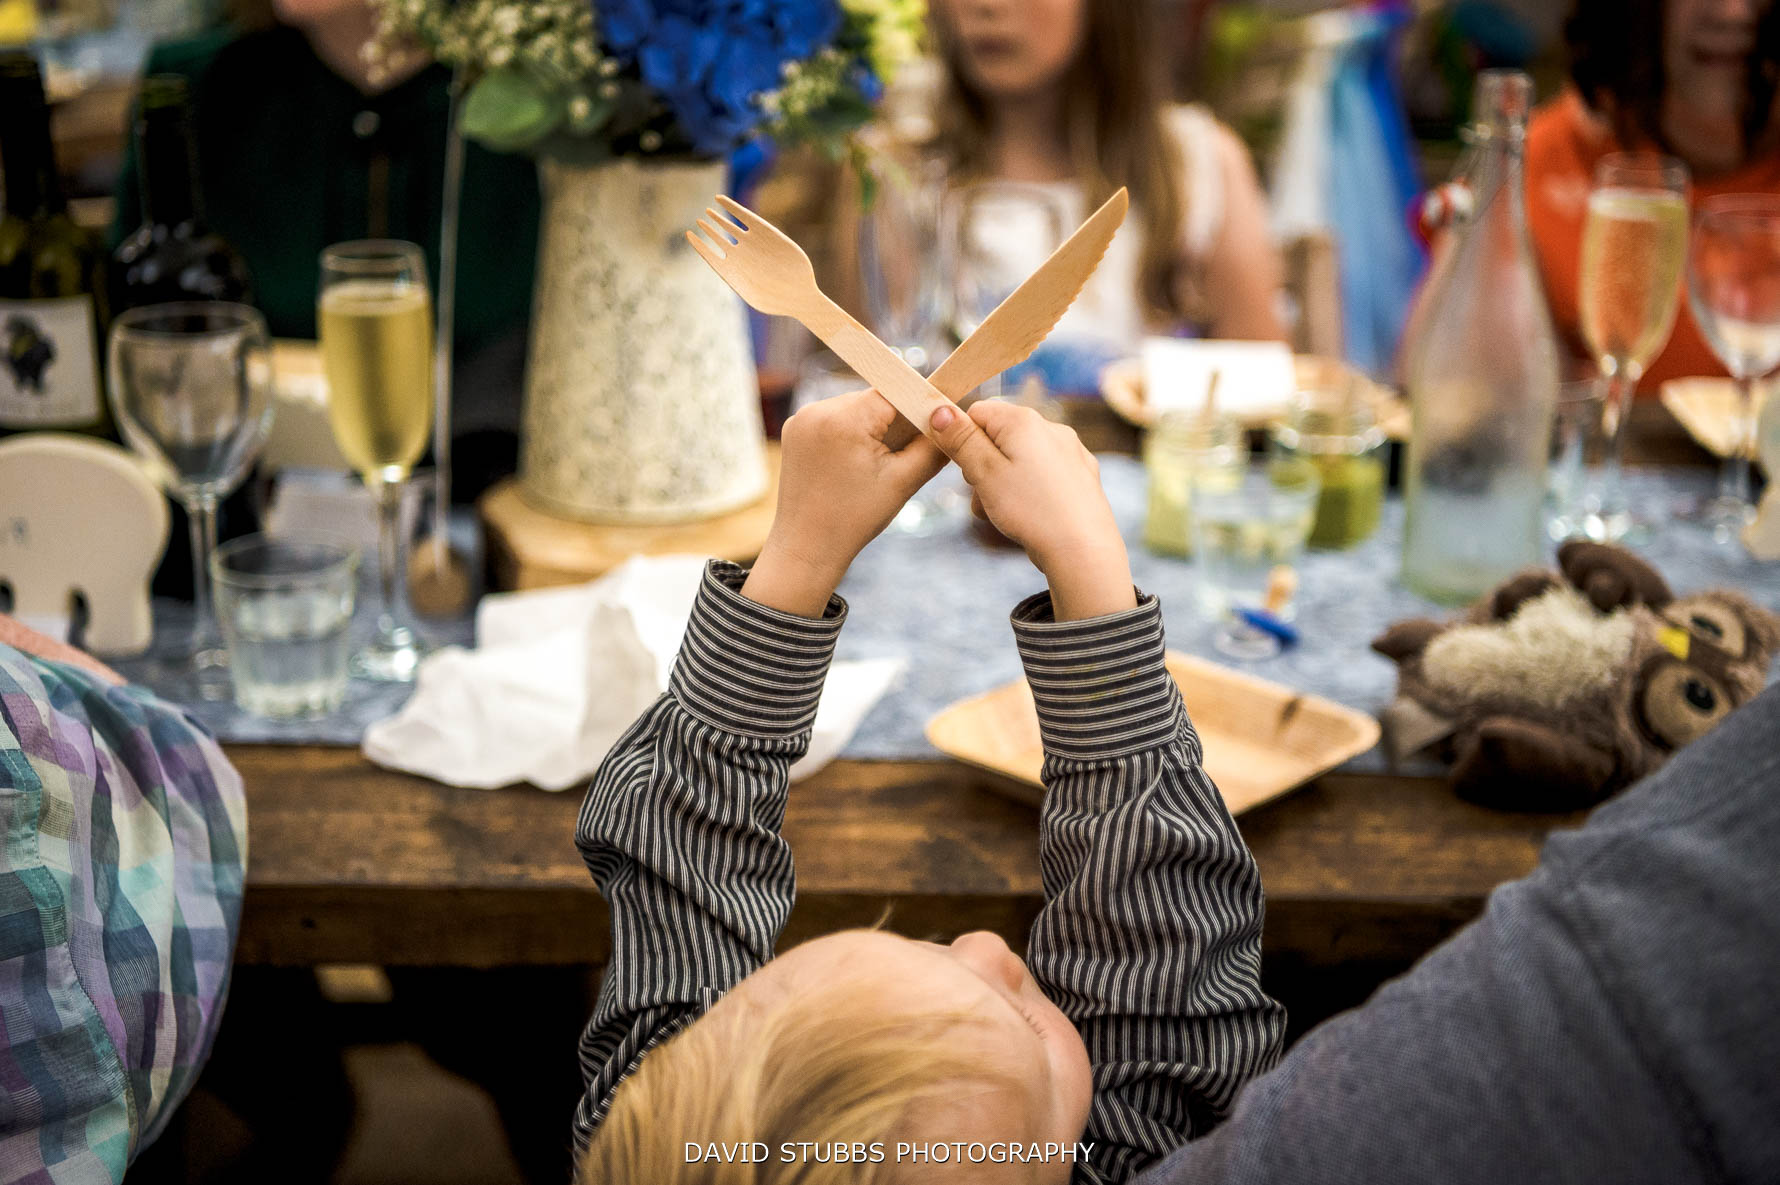 kid crossing cutlery